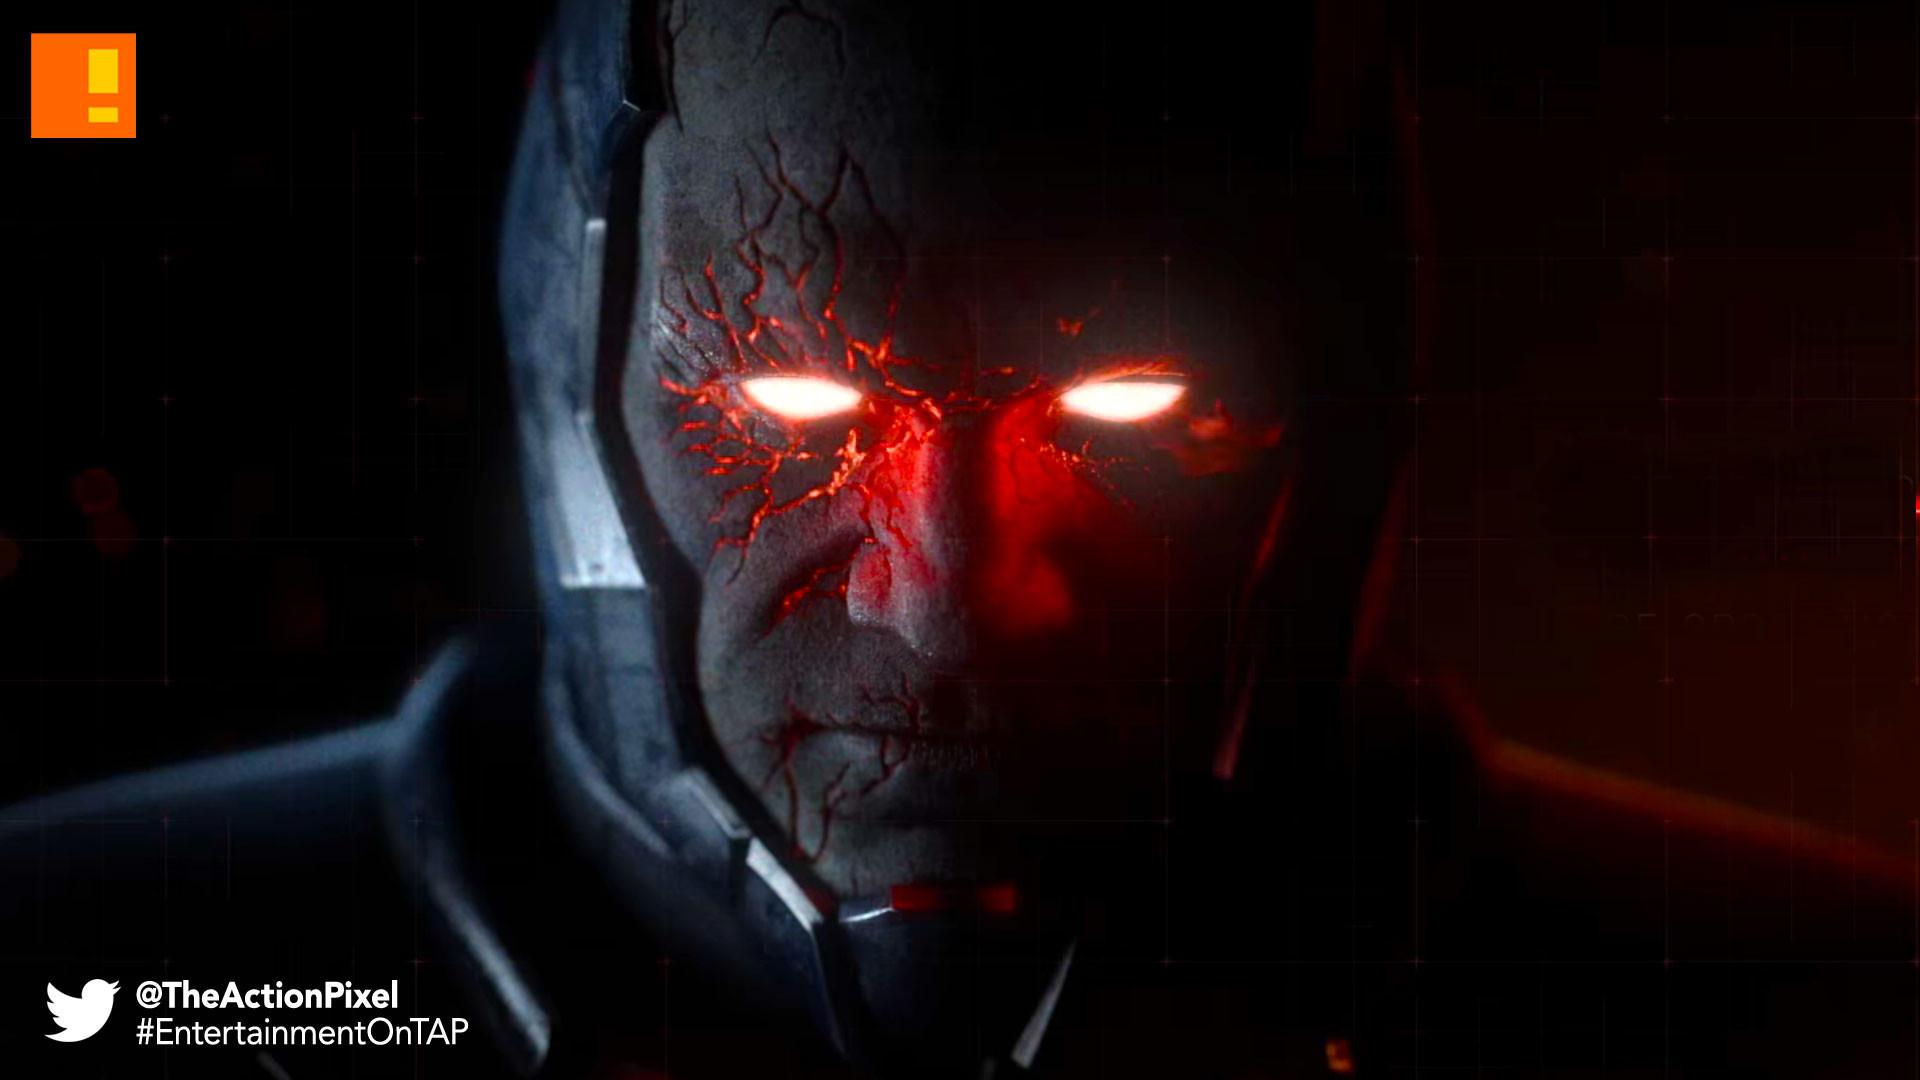 batman, supergirl, injustice 2, netherRealm studios, dc comics, wb games,